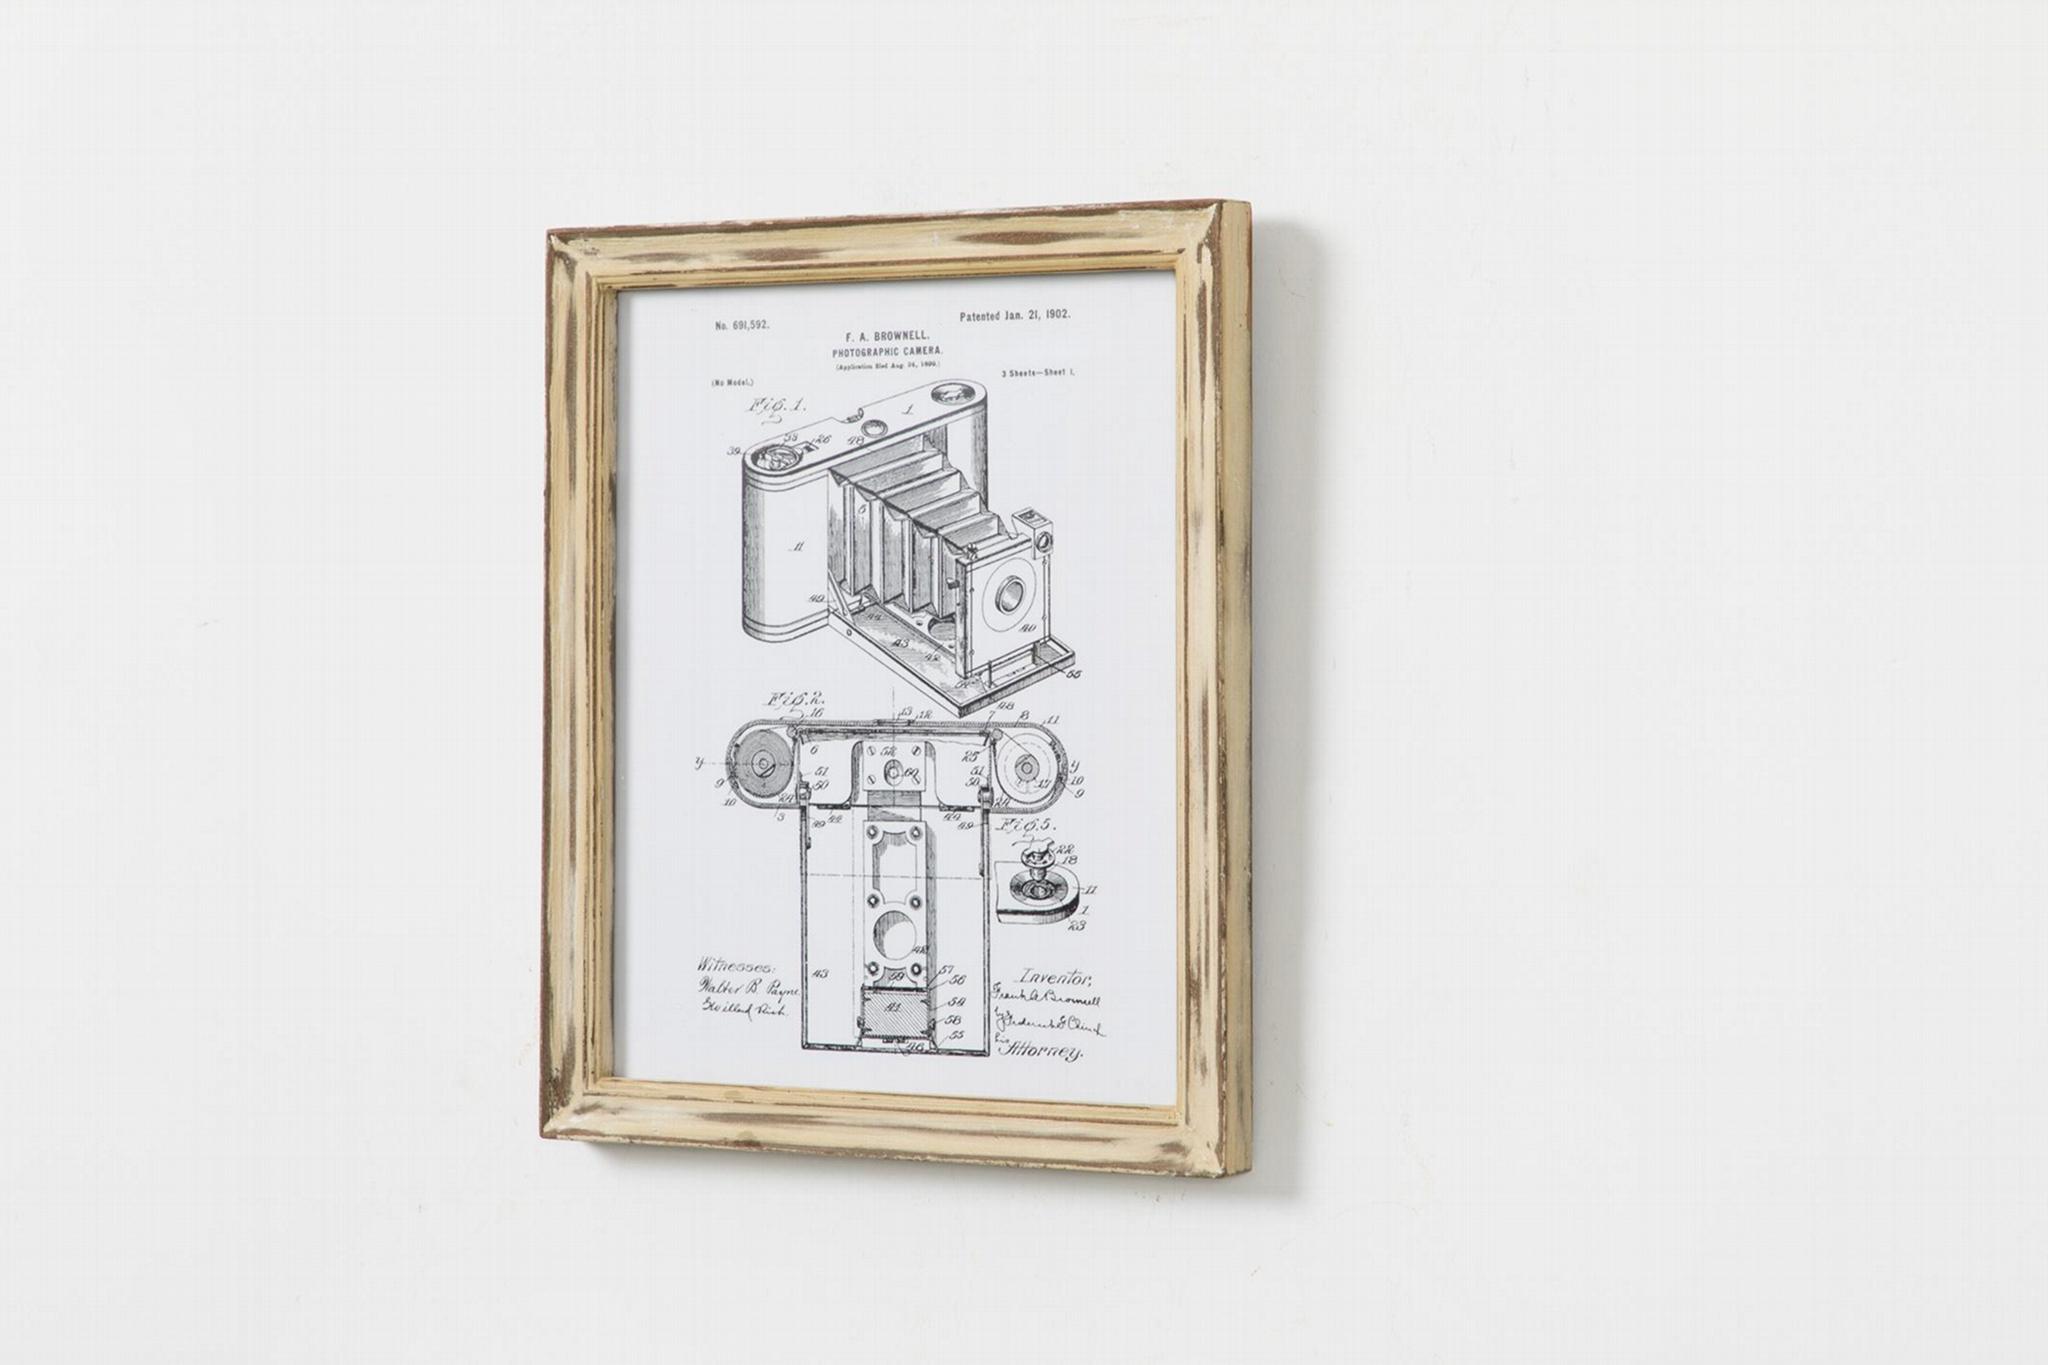 Solid wood frame 6